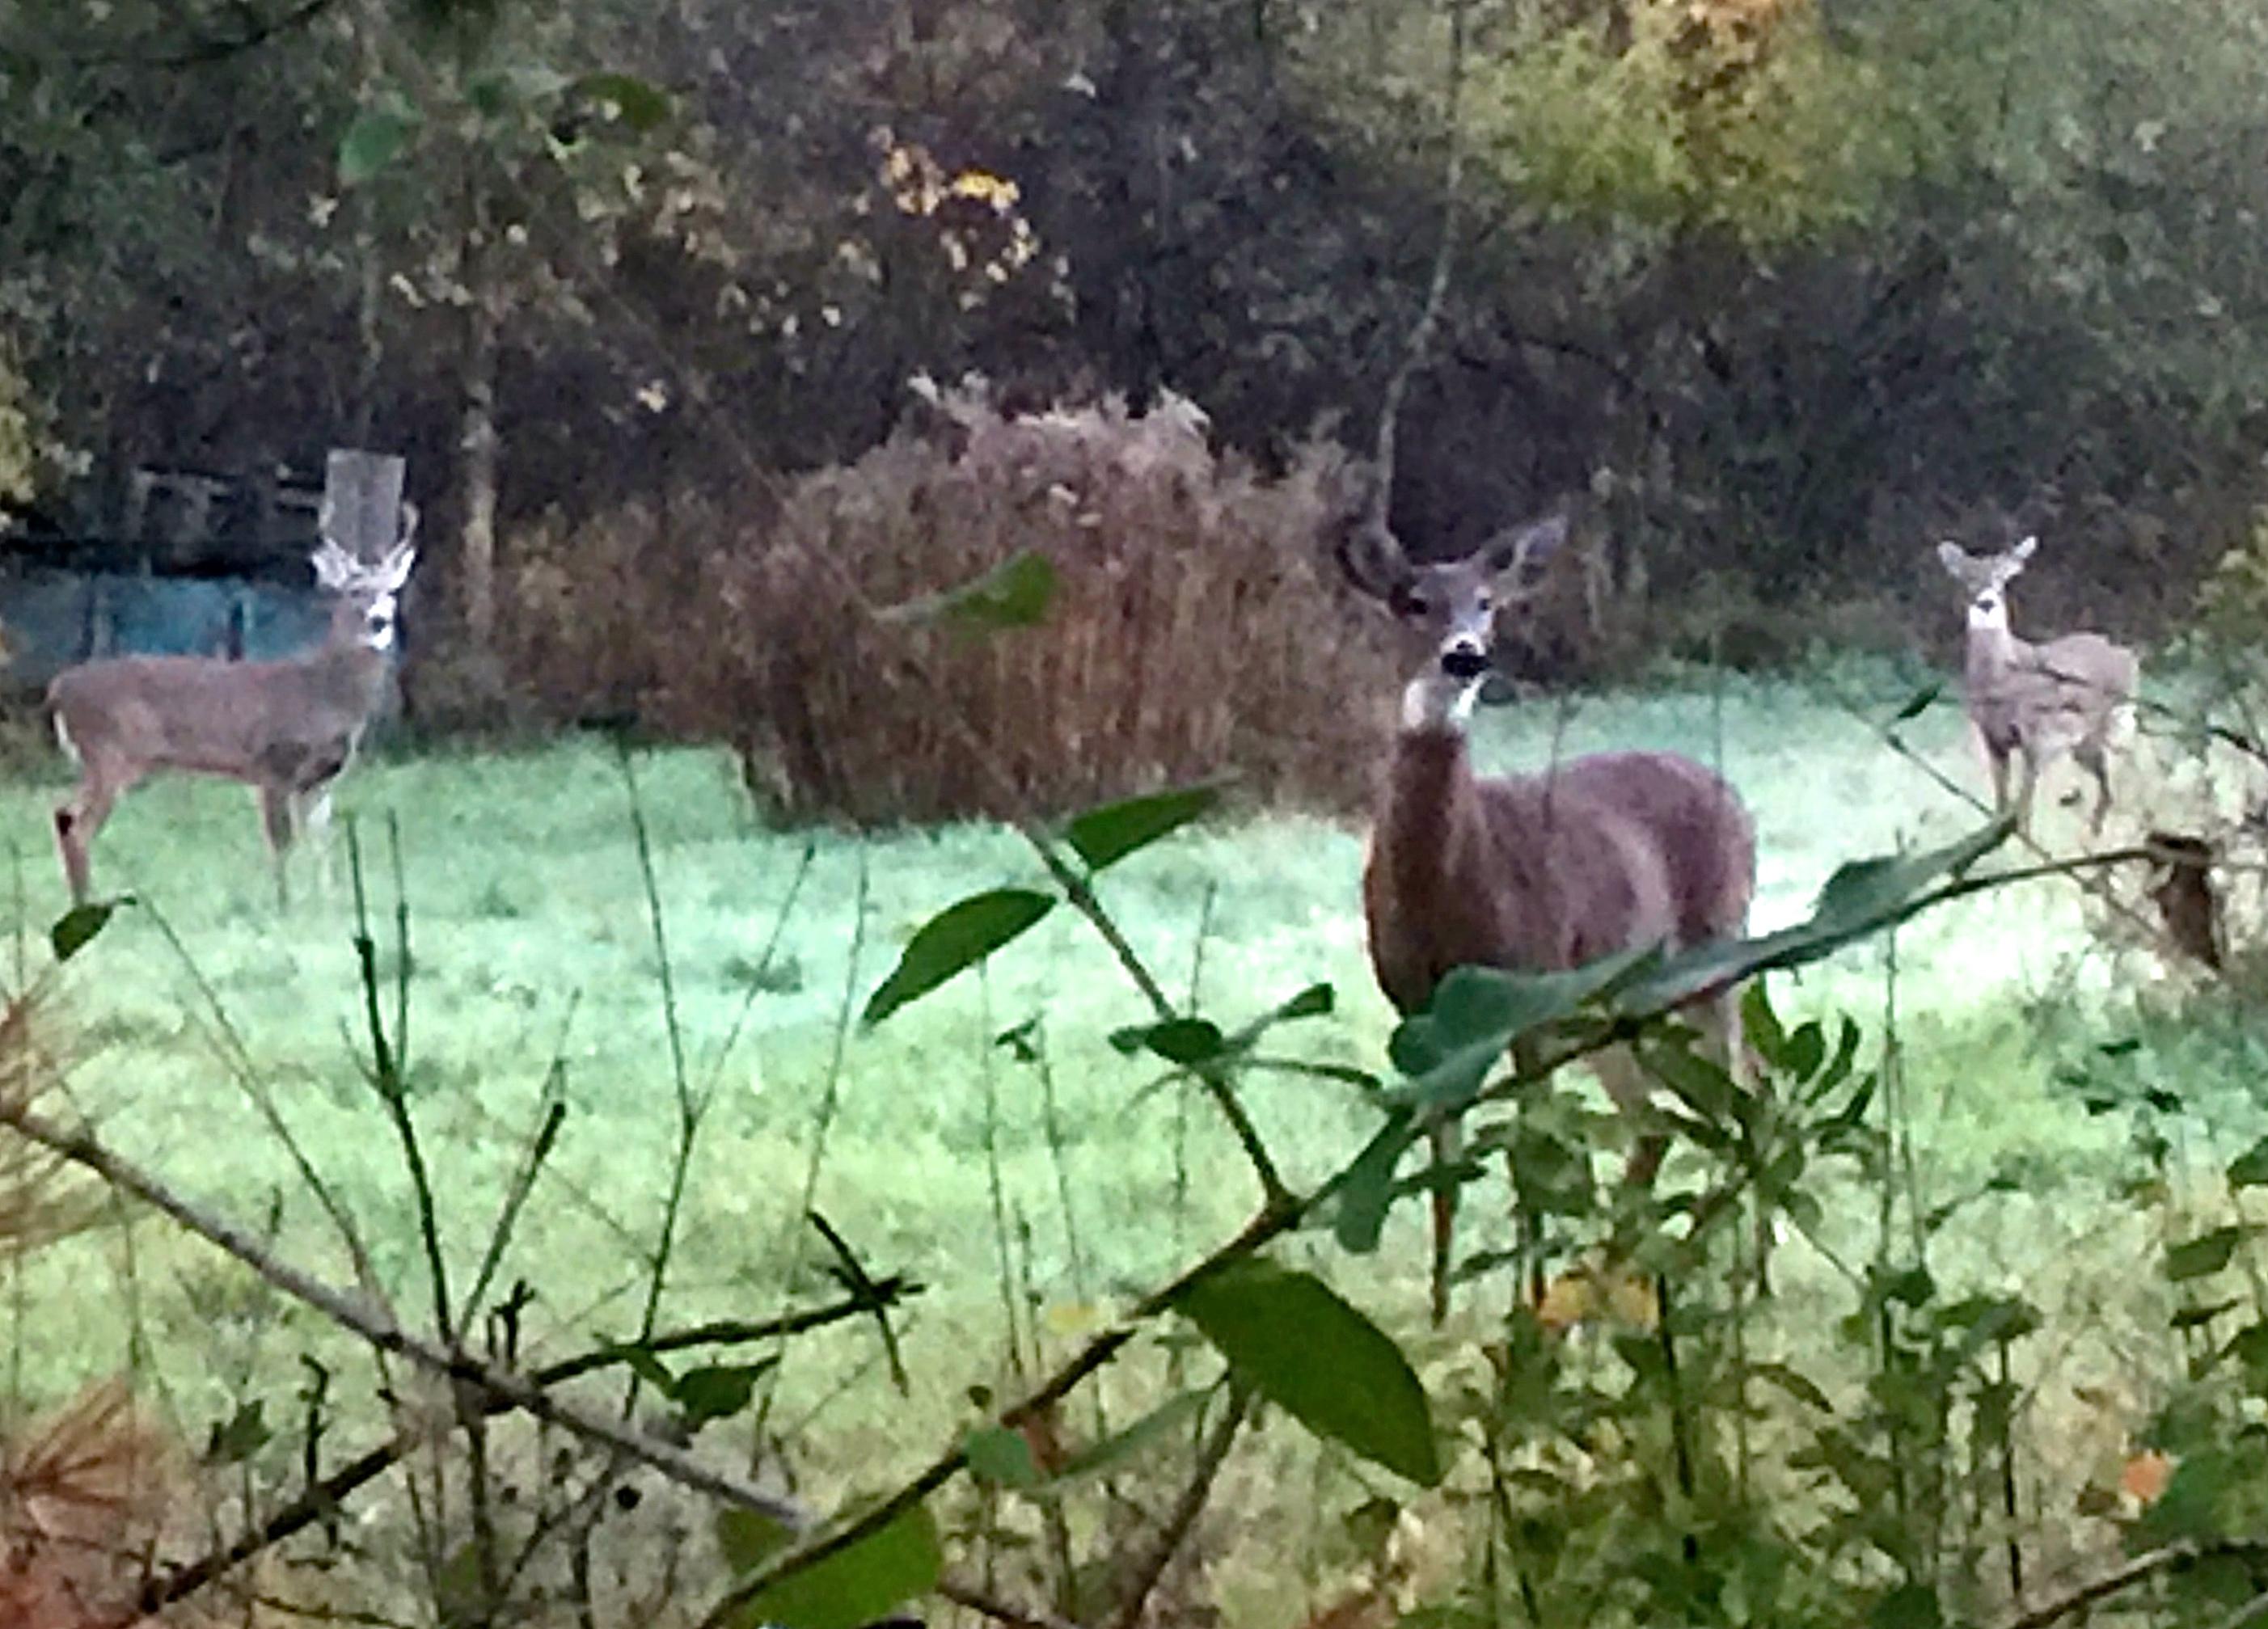 Deer watching me in field